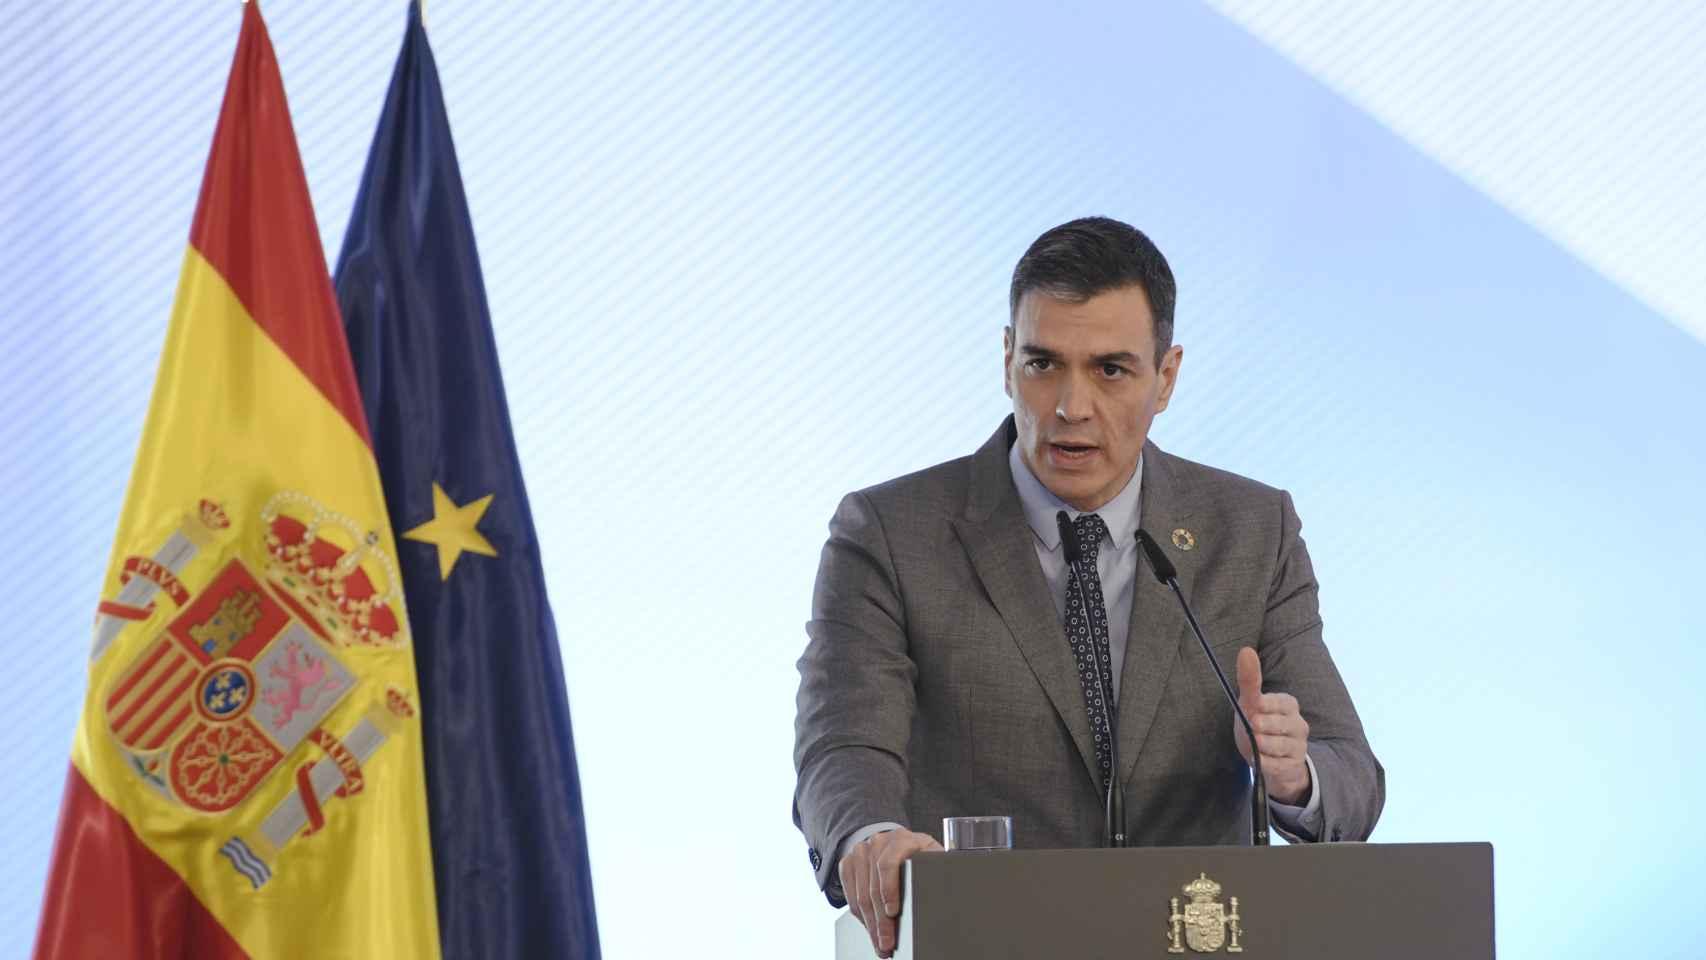 El presidente del Gobierno, Pedro Sánchez, preside el acto de firma del Protocolo sobre Alquiler Social de Viviendas, en La Moncloa, Madrid, (España), a 17 de febrero de 2021.